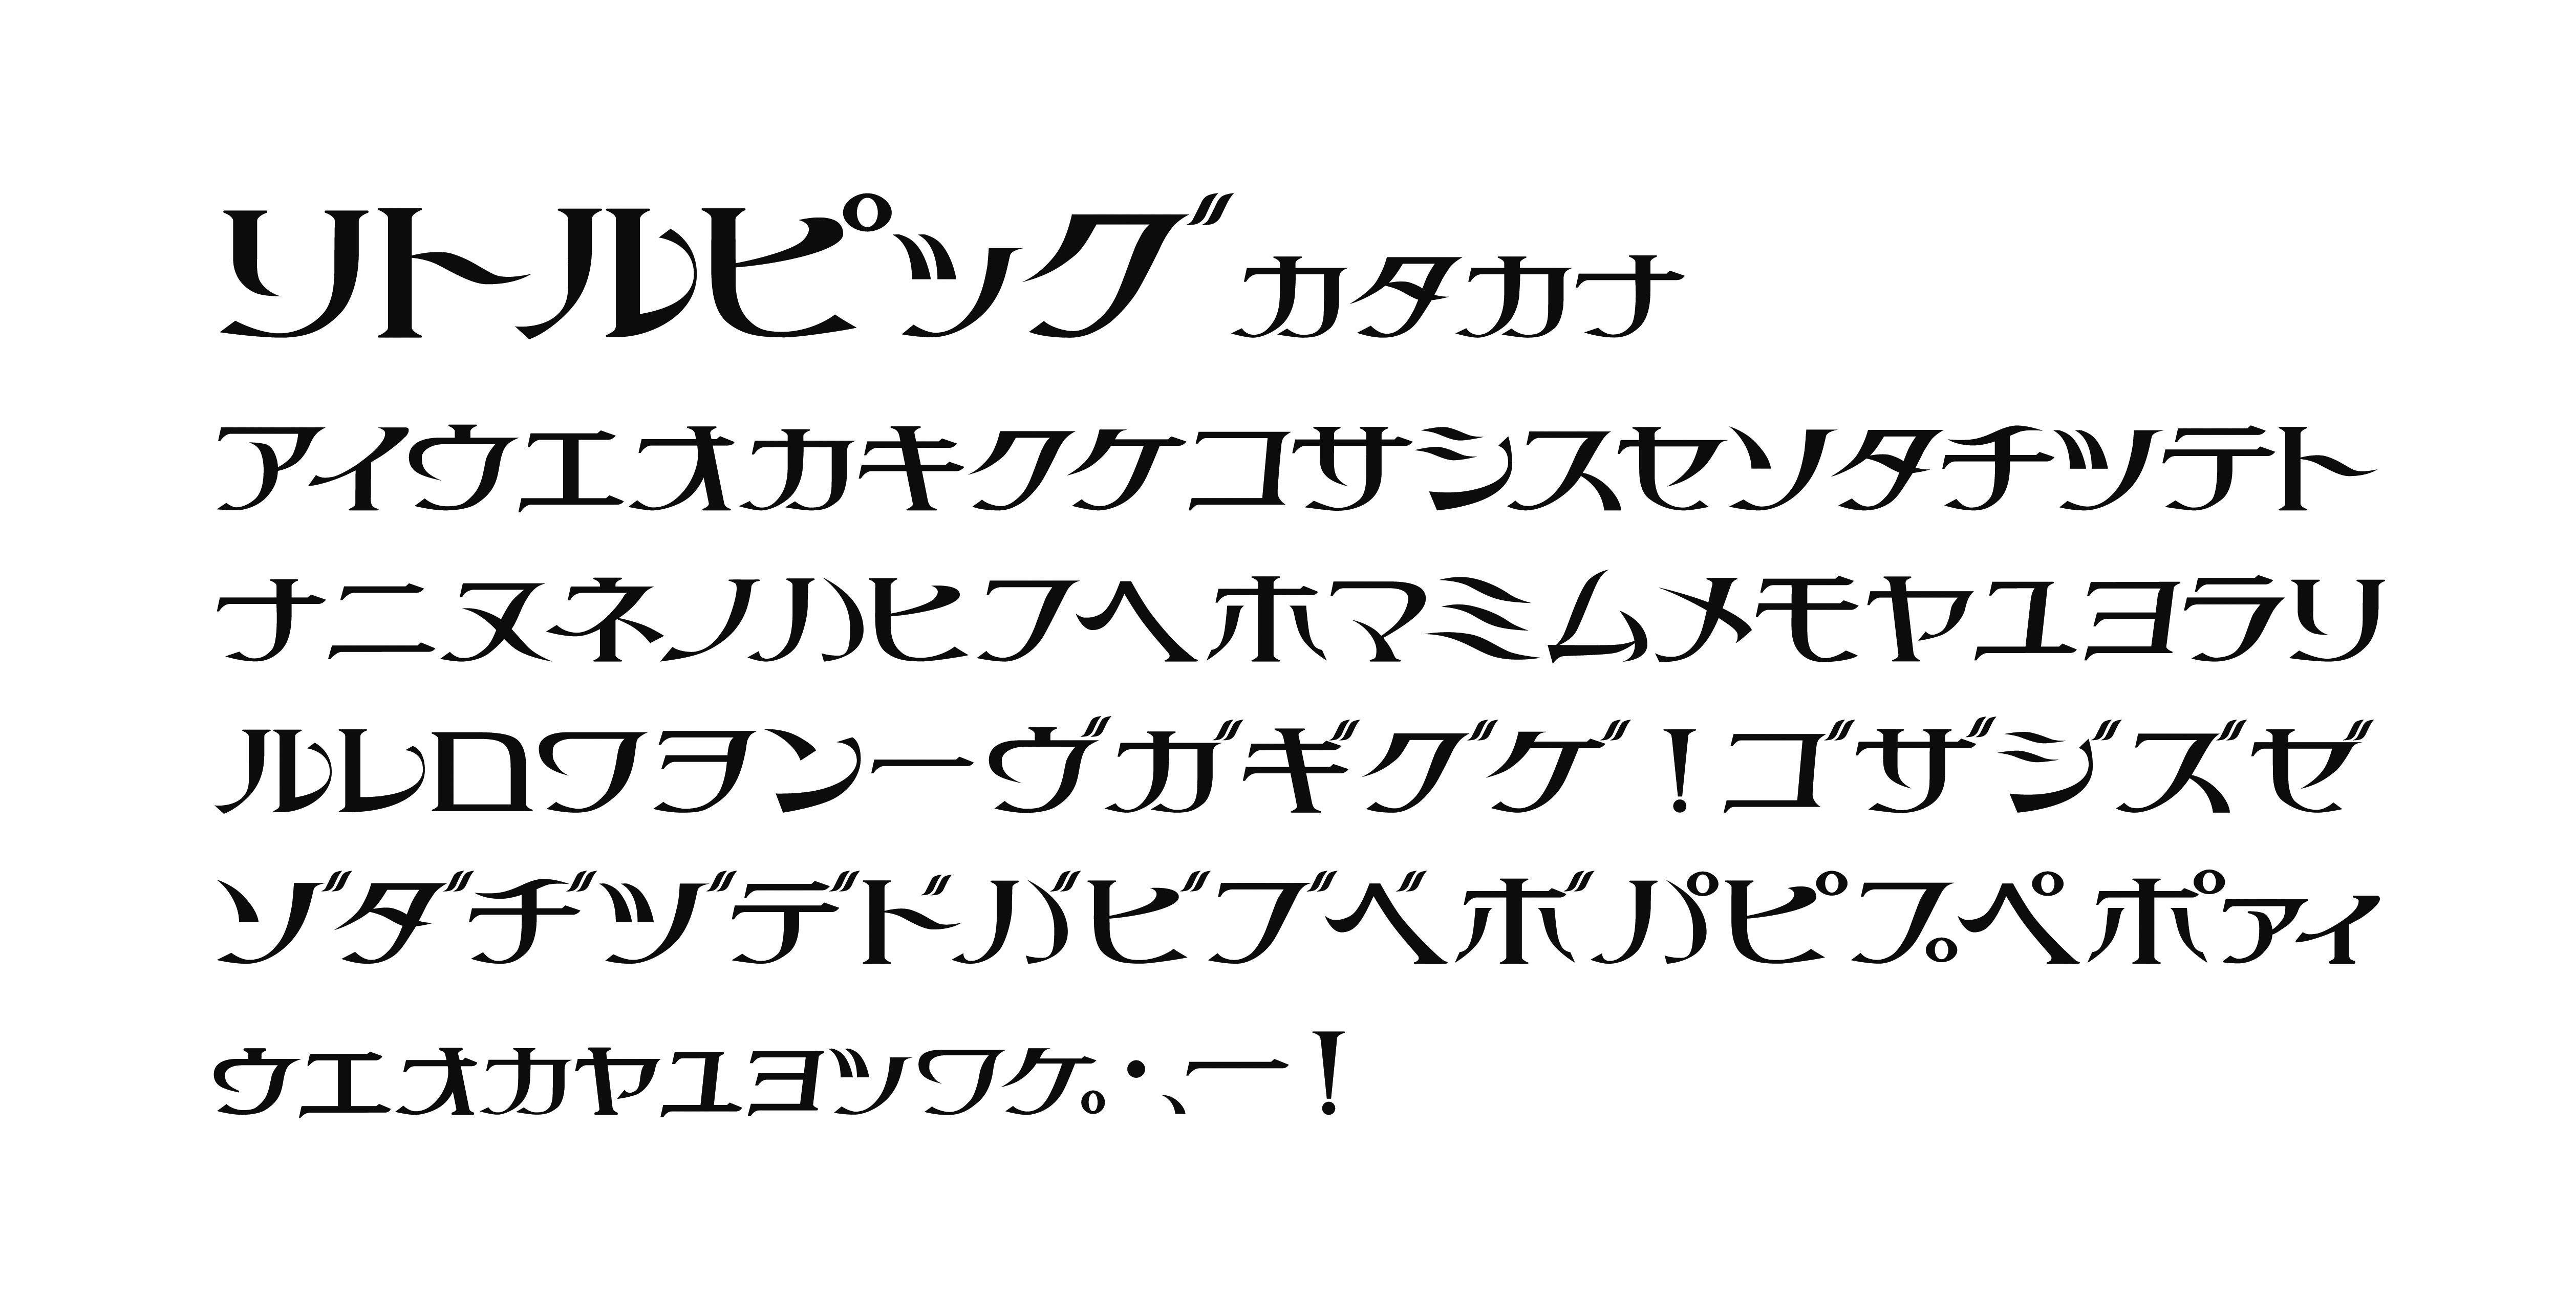 リトルピッグ カタカナ | chibadesign